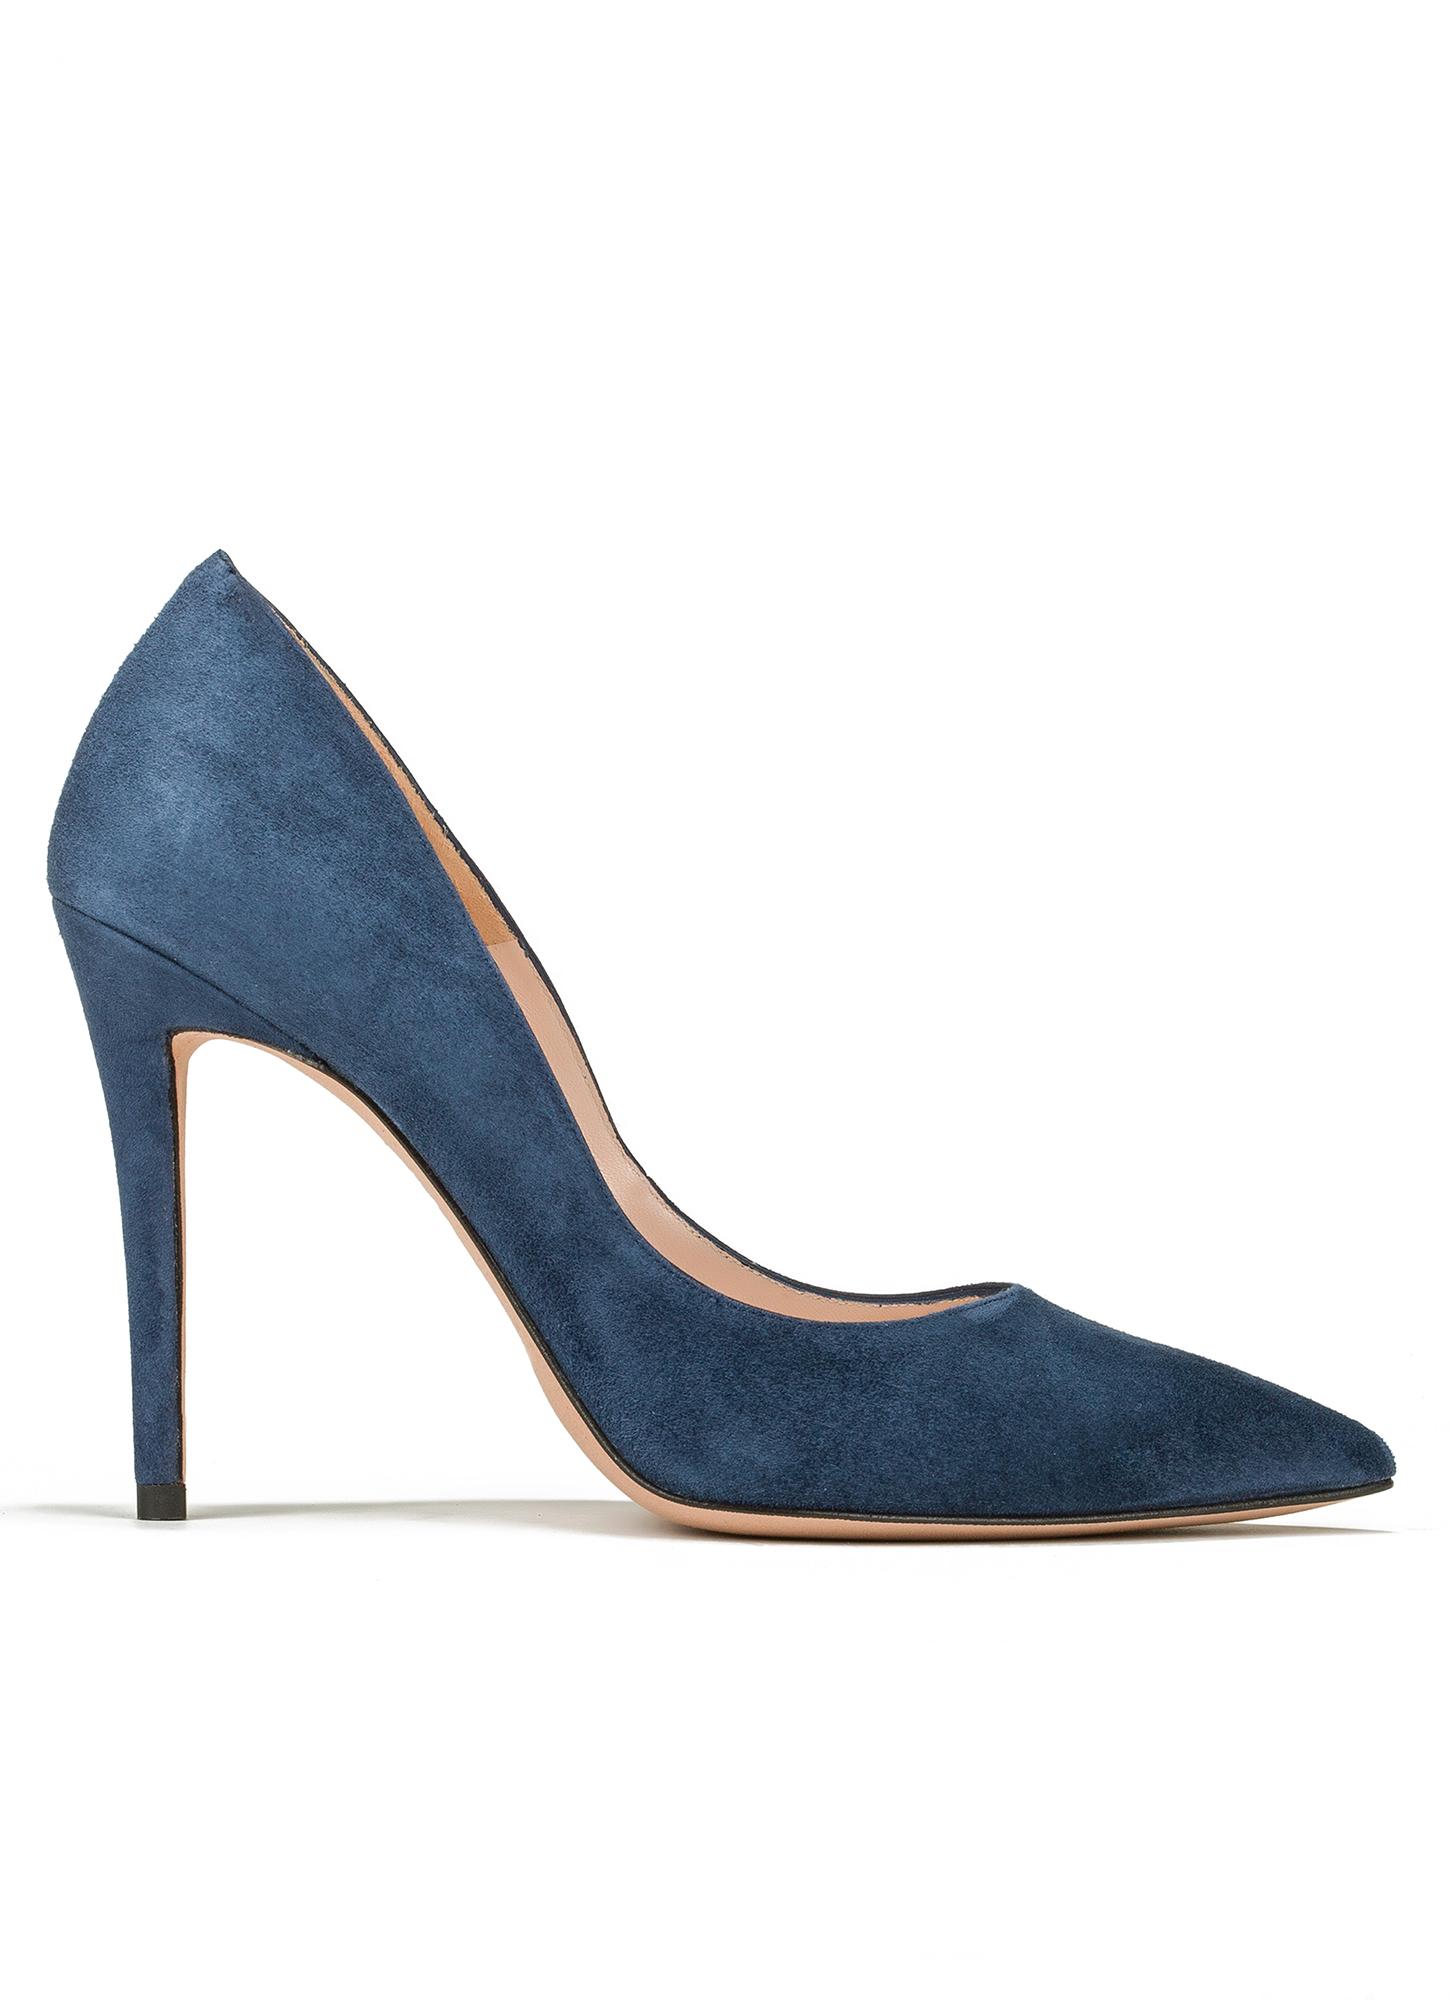 Ella historical Pura López. High heel pumps in ocean blue suede ...